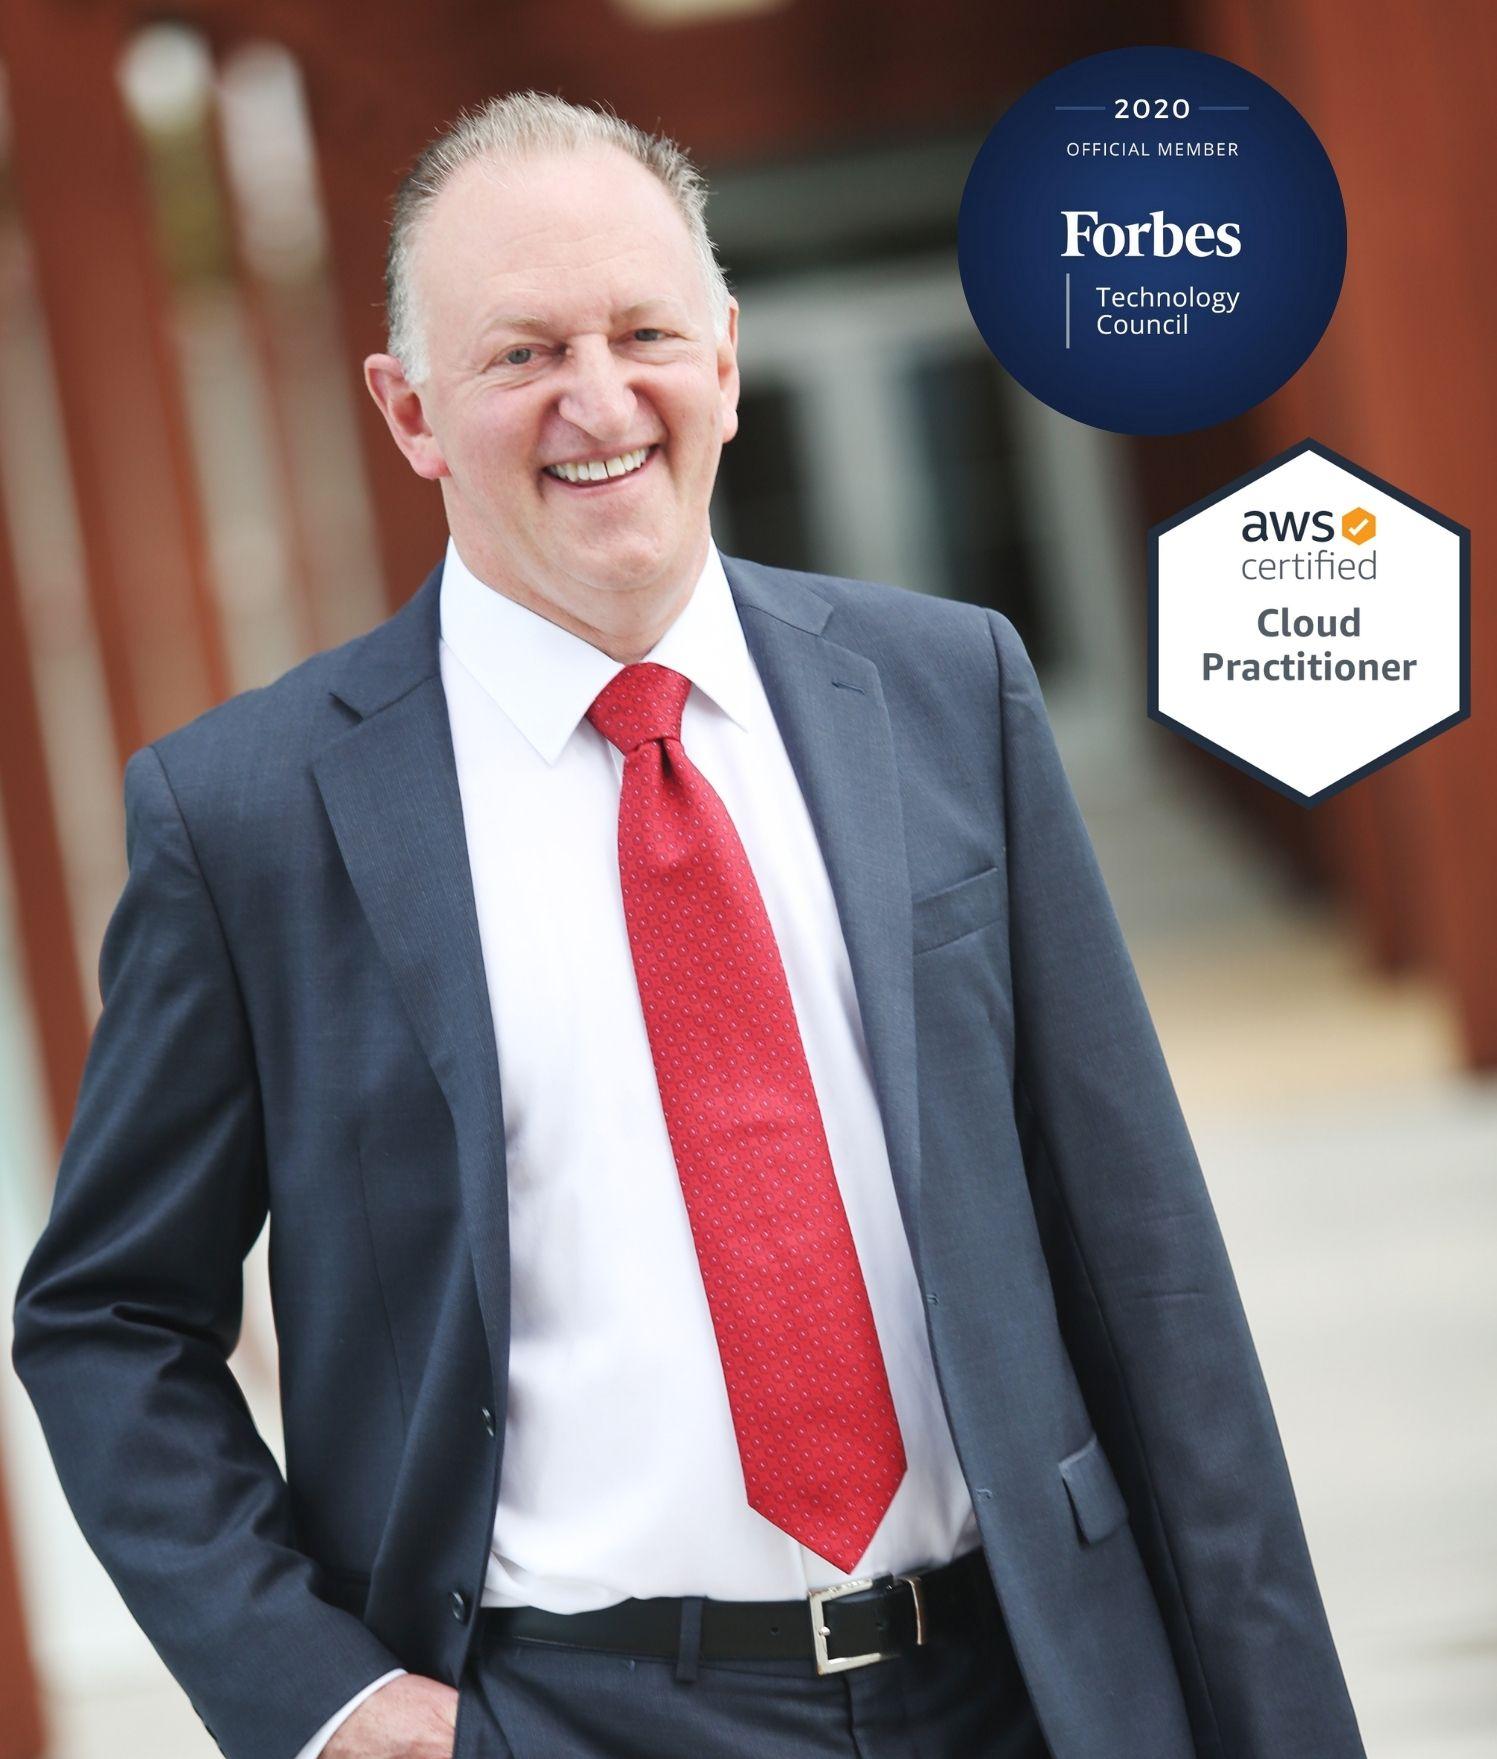 Michael Levine, CEO Advantage Talent, Inc., Forbes Technology Council